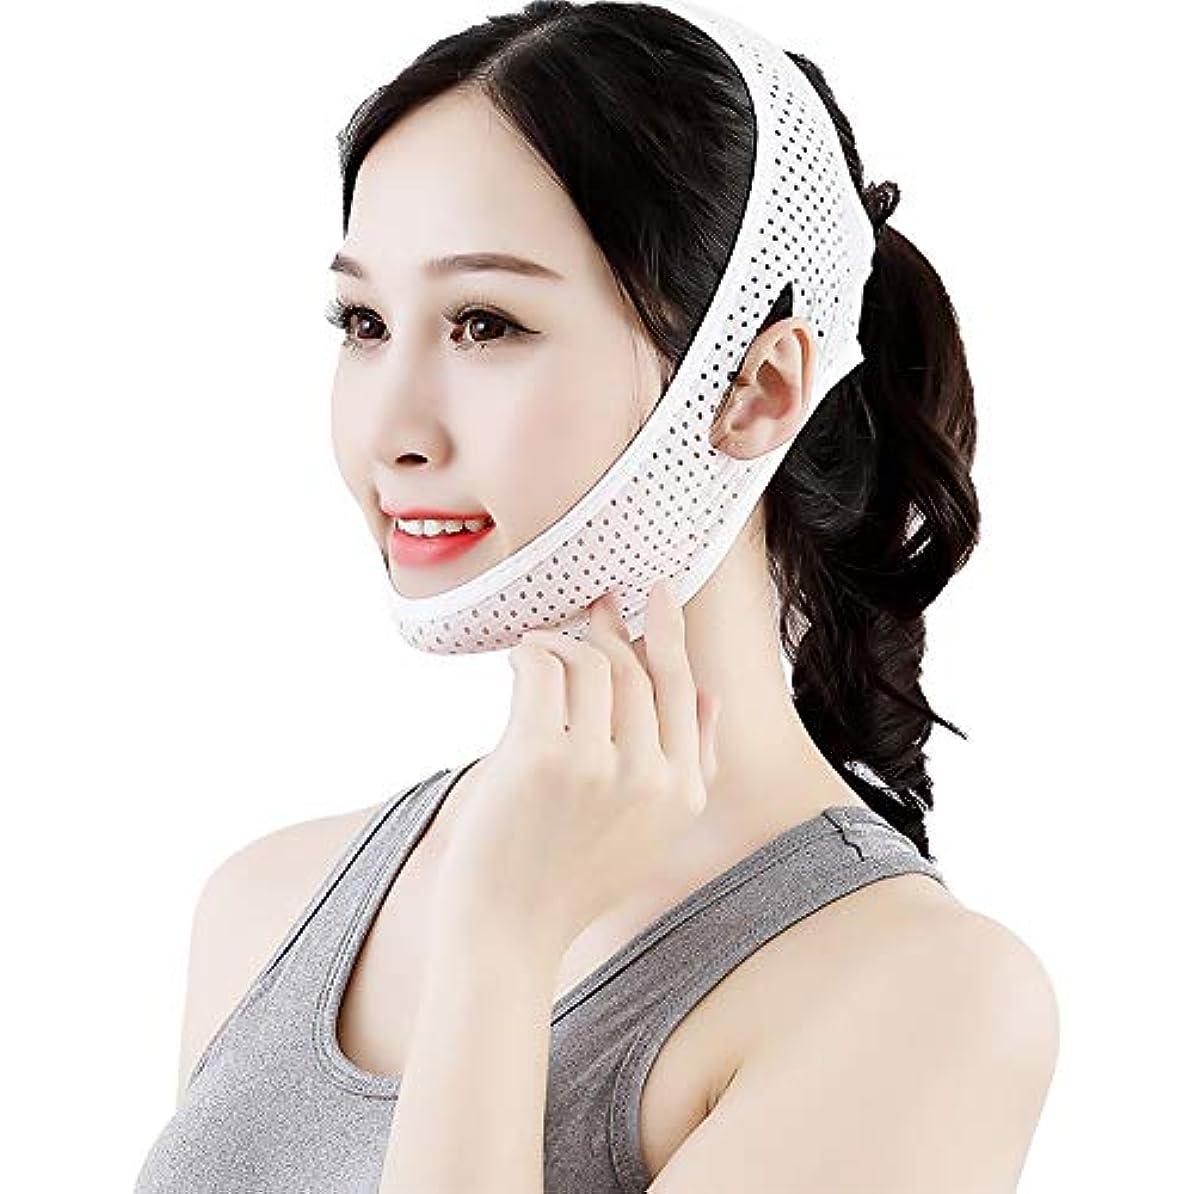 シンプルさサバントキャンドルフェイスリフティングベルト、物理的なプラスチックスリープ薄い顔の包帯ダブルチンリデューサーフェイス美容リフティングファーミングストラップマスク (Color : A)